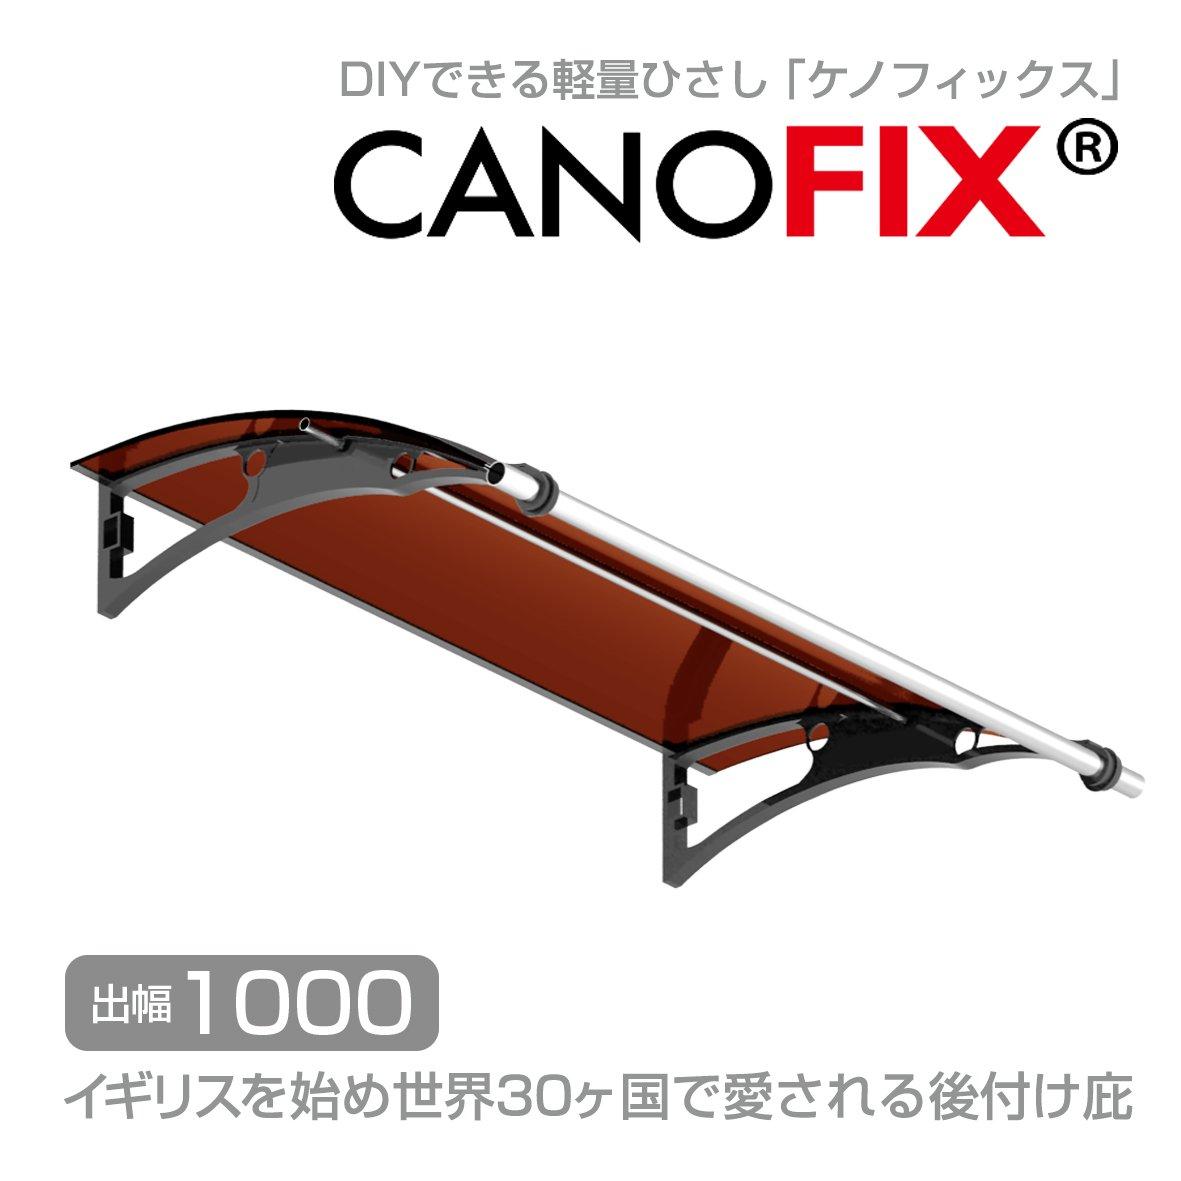 【日本総輸入元】DIY可能な後付けひさし ケノフィックス(CANOFIX) D1000 W1000/シート:グリン/ブラケット:ブラック B079HHG7M9 1000mm|ブラケット:ブラックシート:グリン ブラケット:ブラックシート:グリン 1000mm